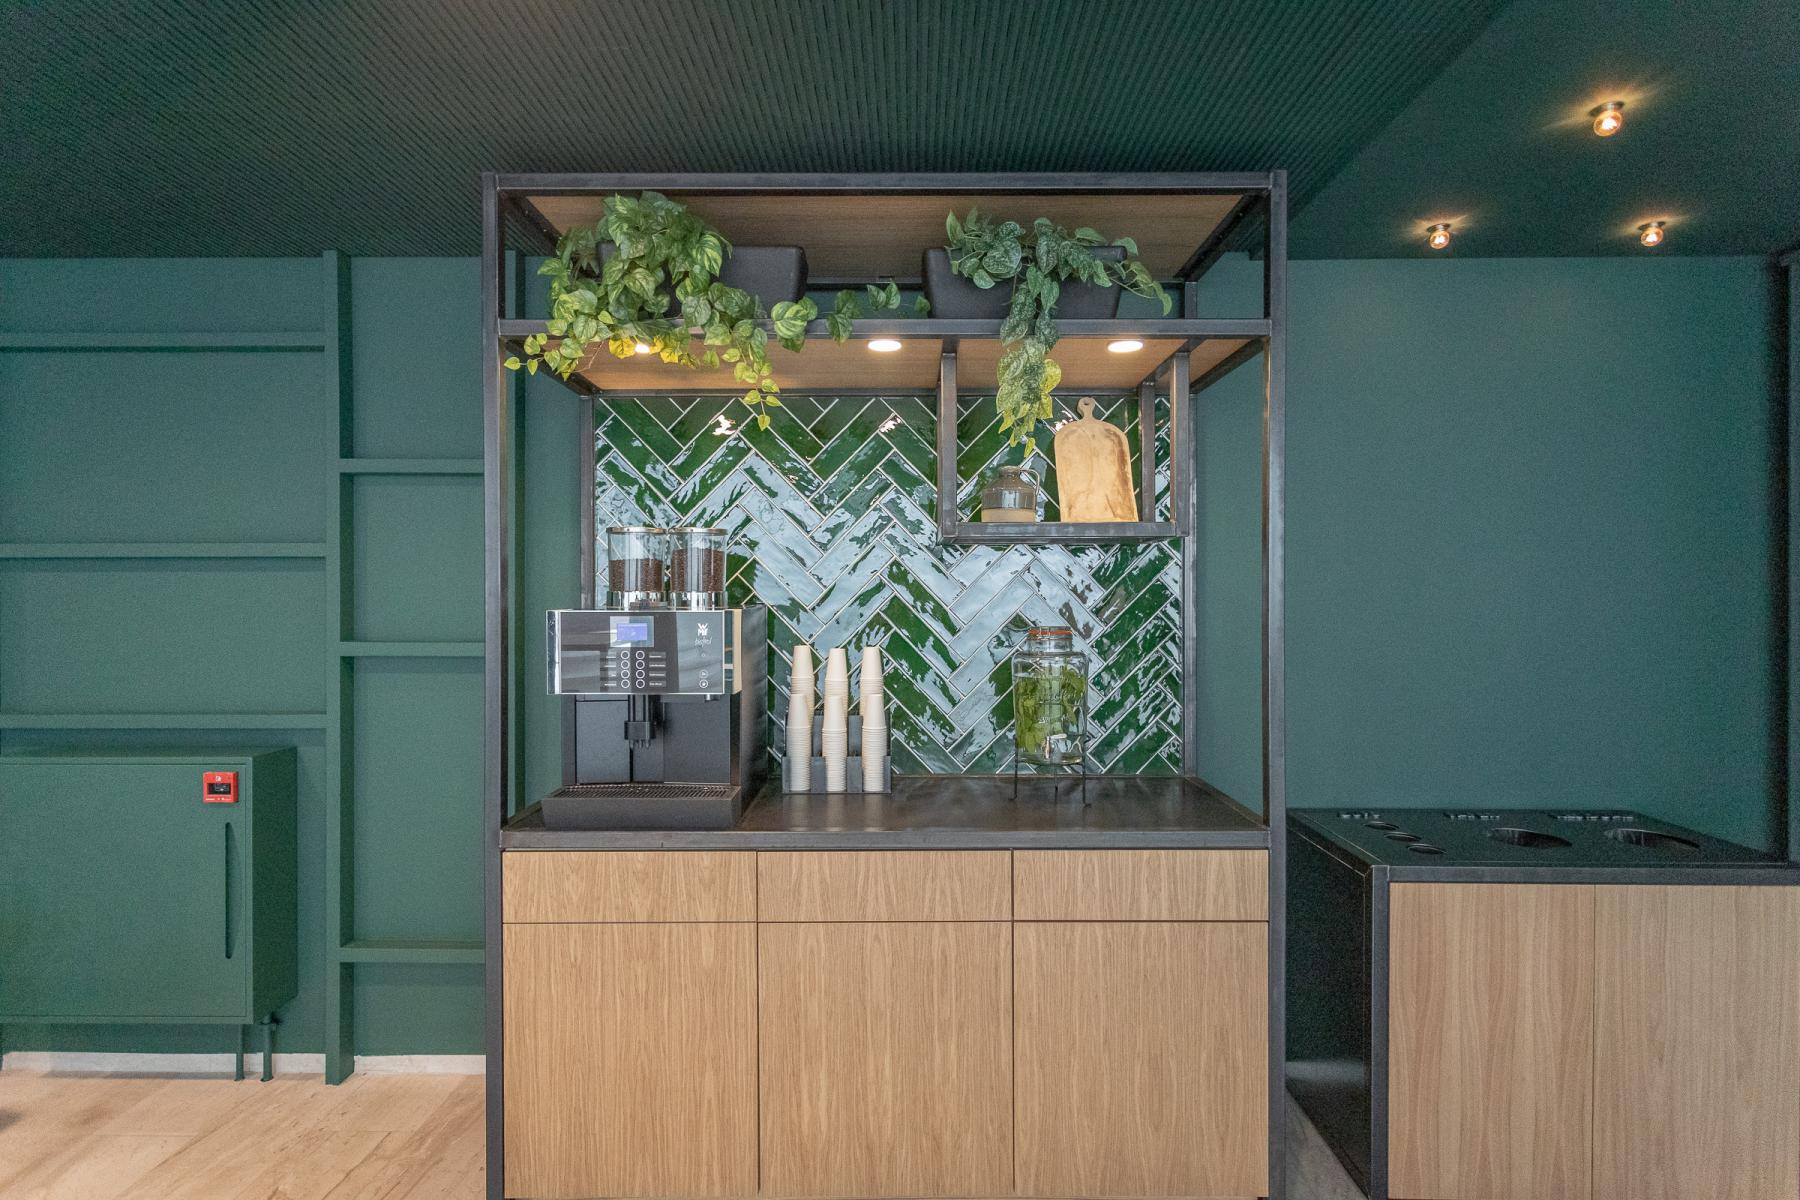 Officeplanner kit Brouwerijstraat 1 16 2